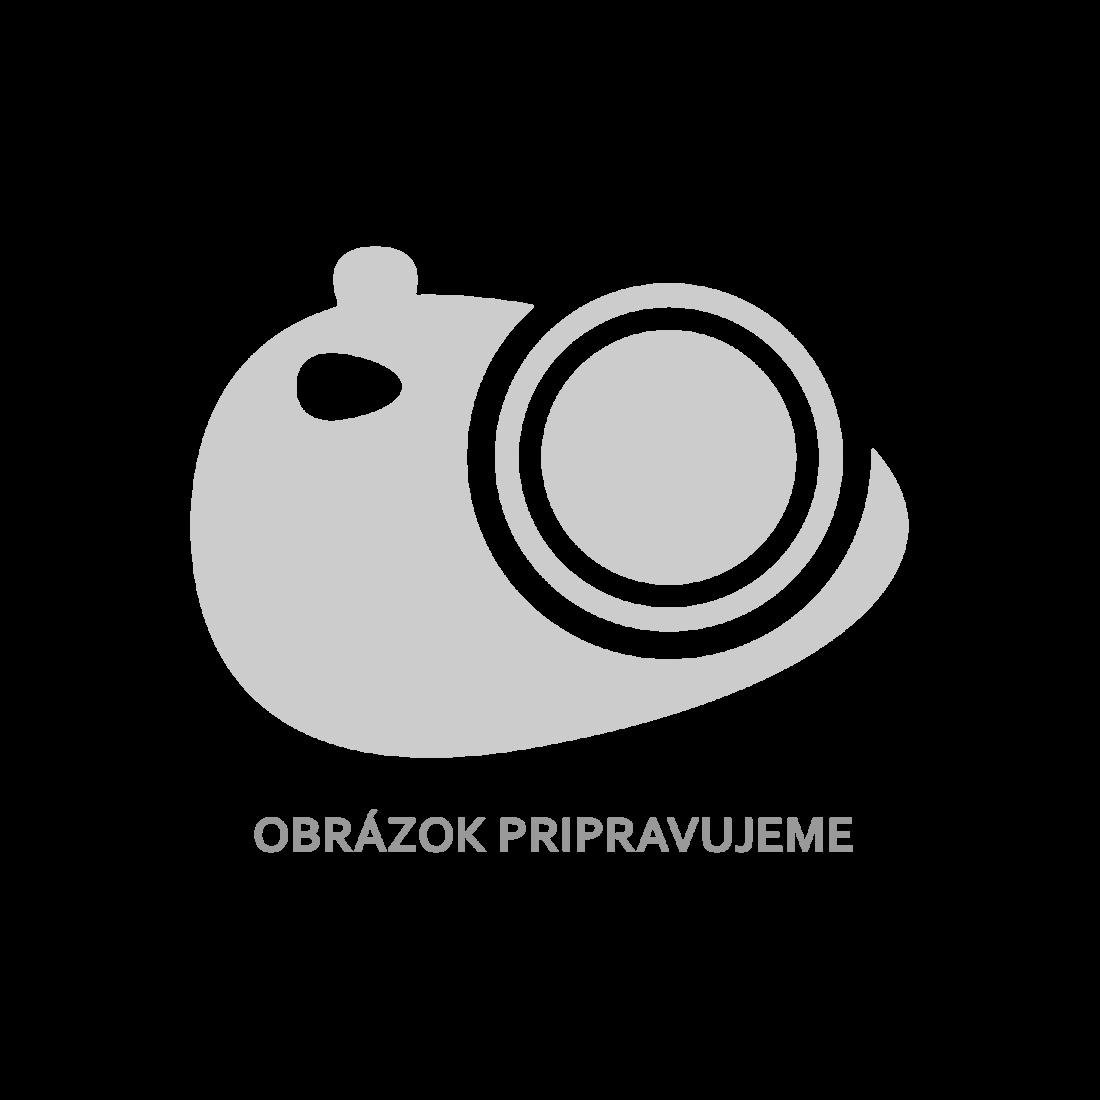 Biele fotopozadie 600 x 300 cm so systémom na uchytenie